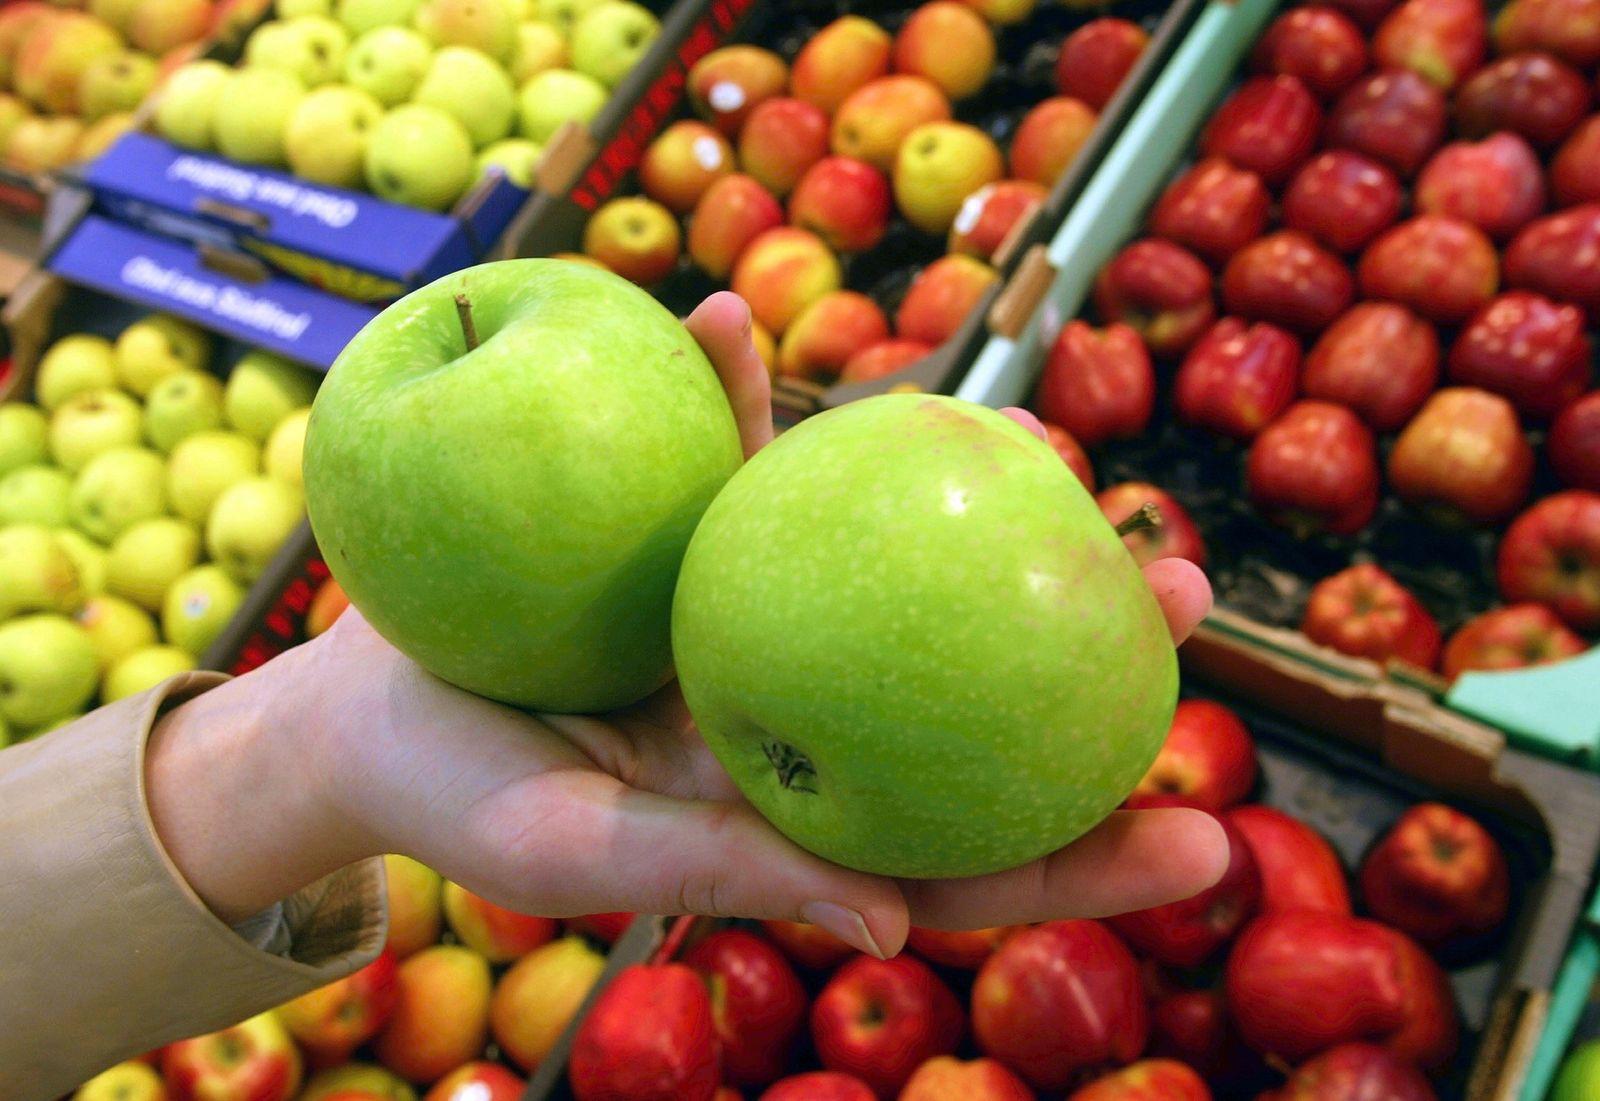 Apfel senkt Cholesterinwert drastisch